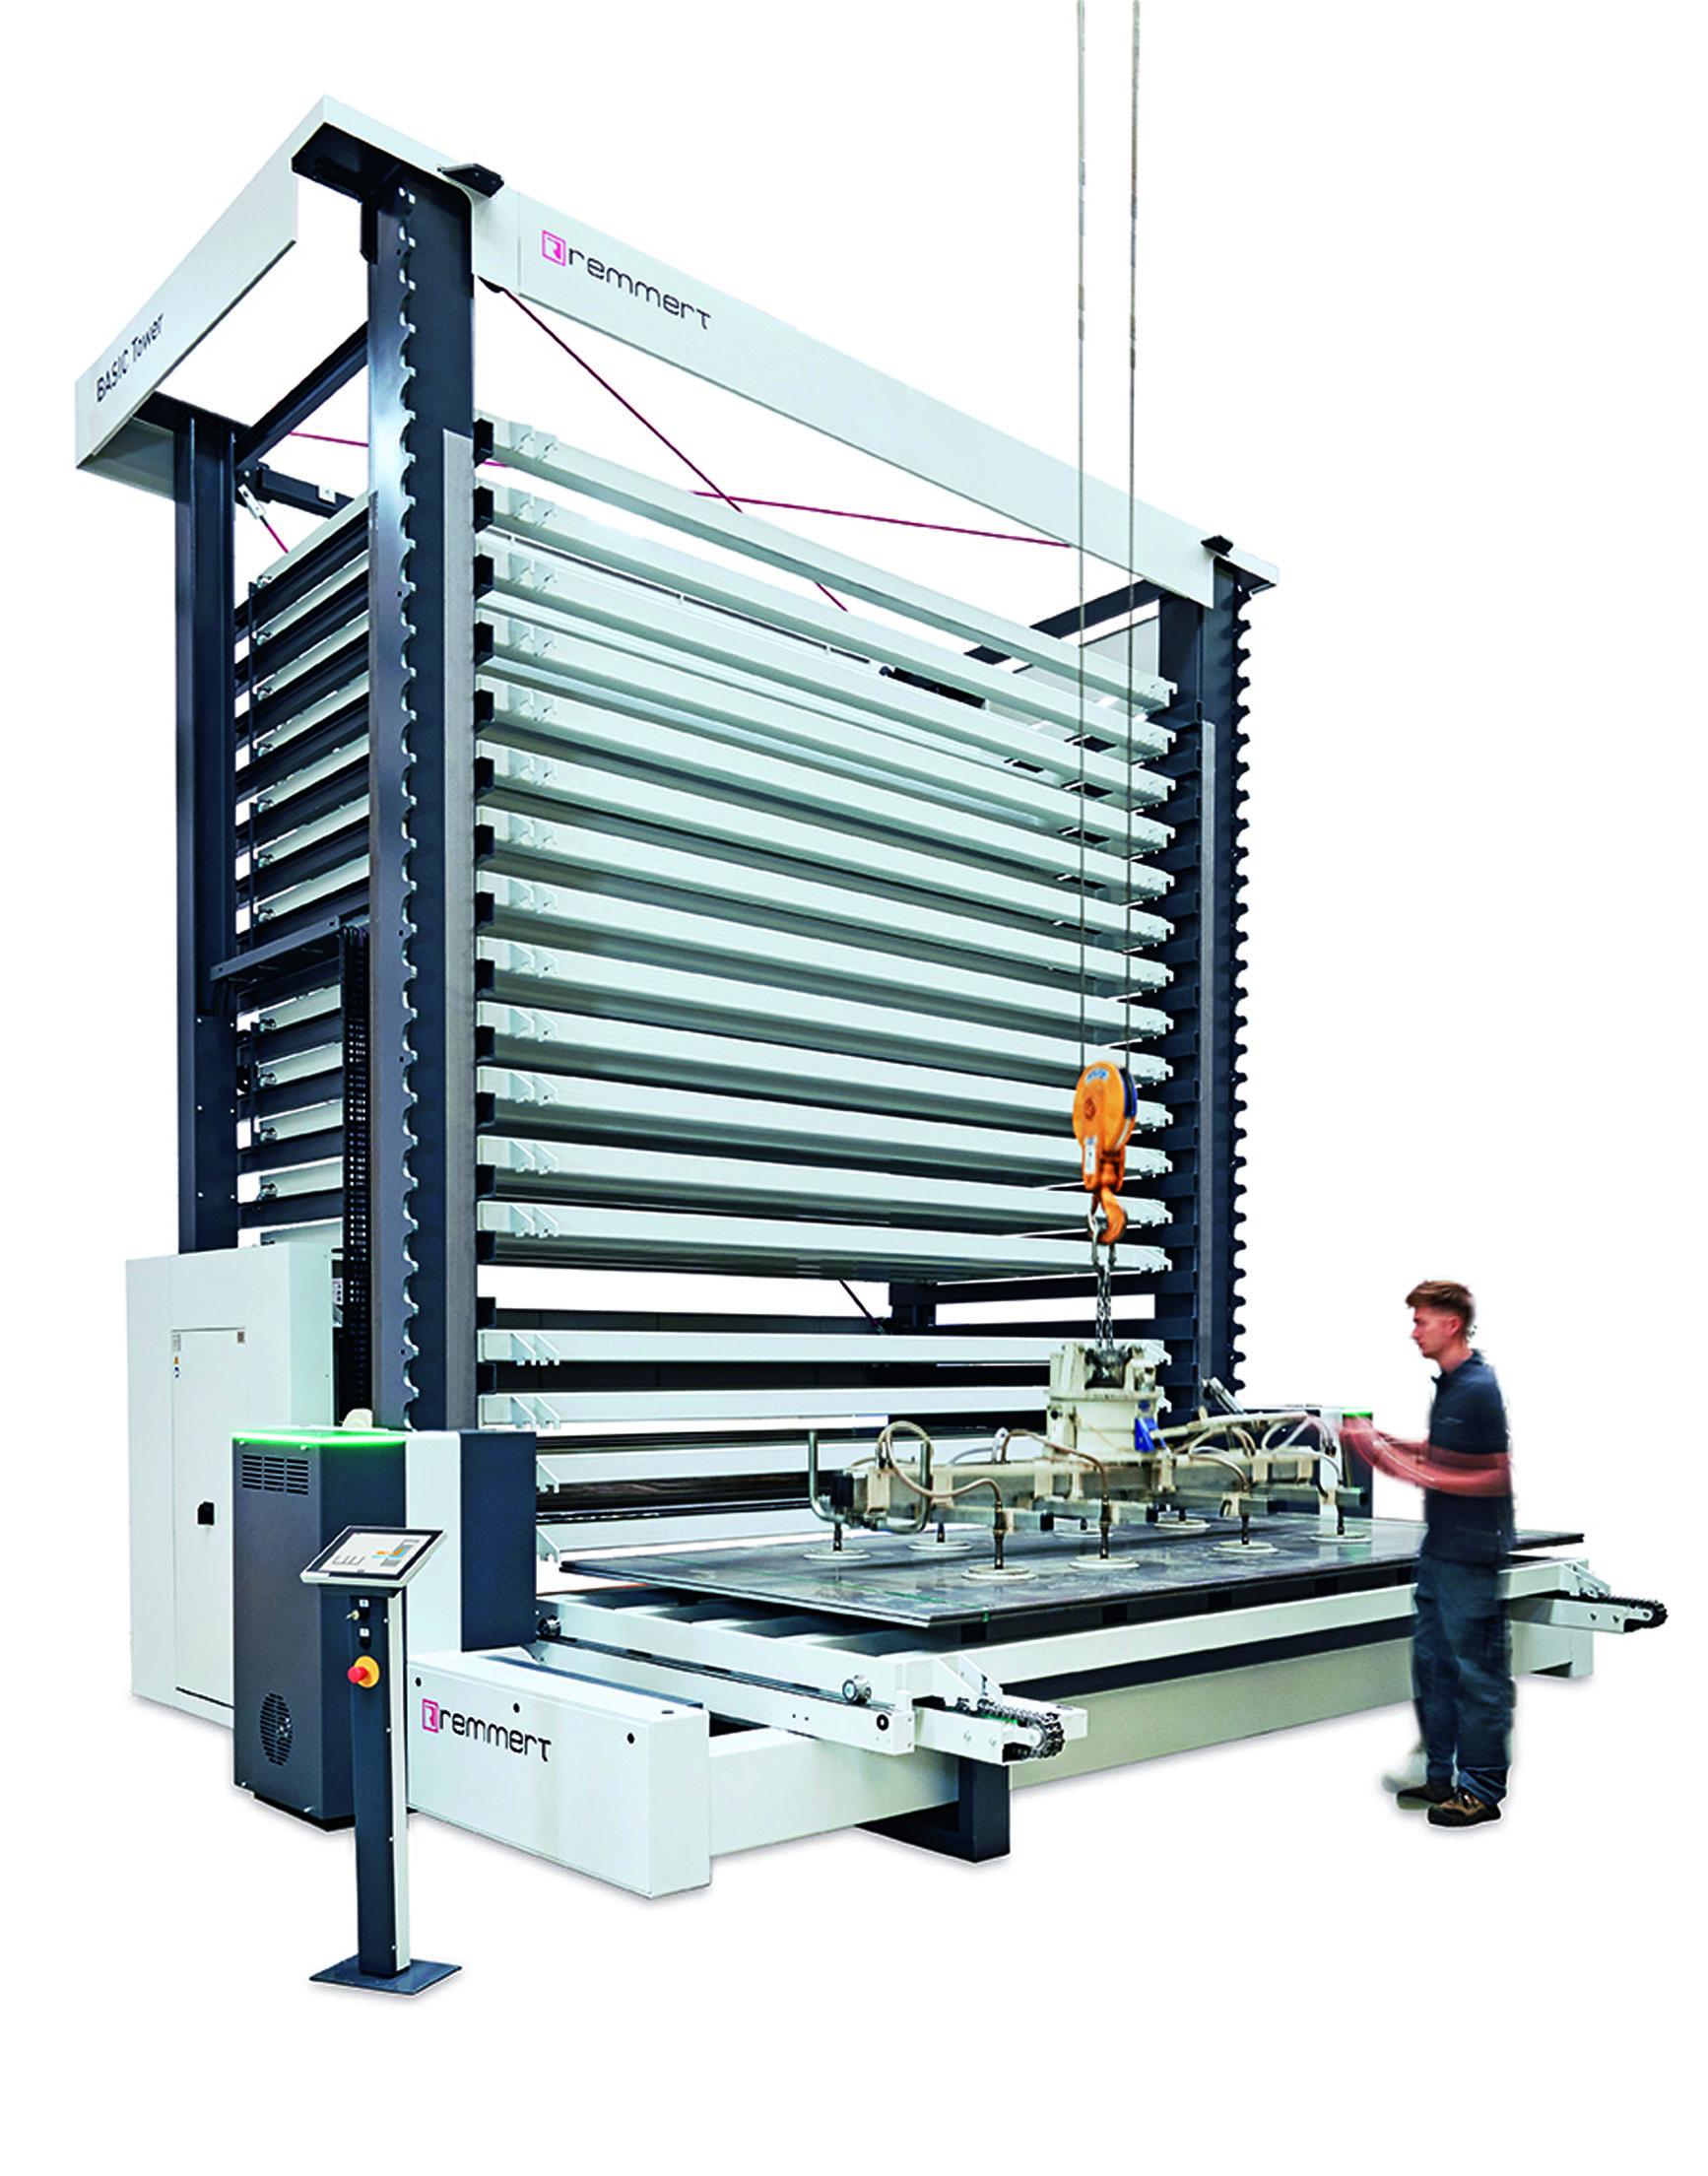 Die Konzepte von Remmert helfen der verarbeitenden Industrie bei der Metalllagerung (Foto: Remmert)